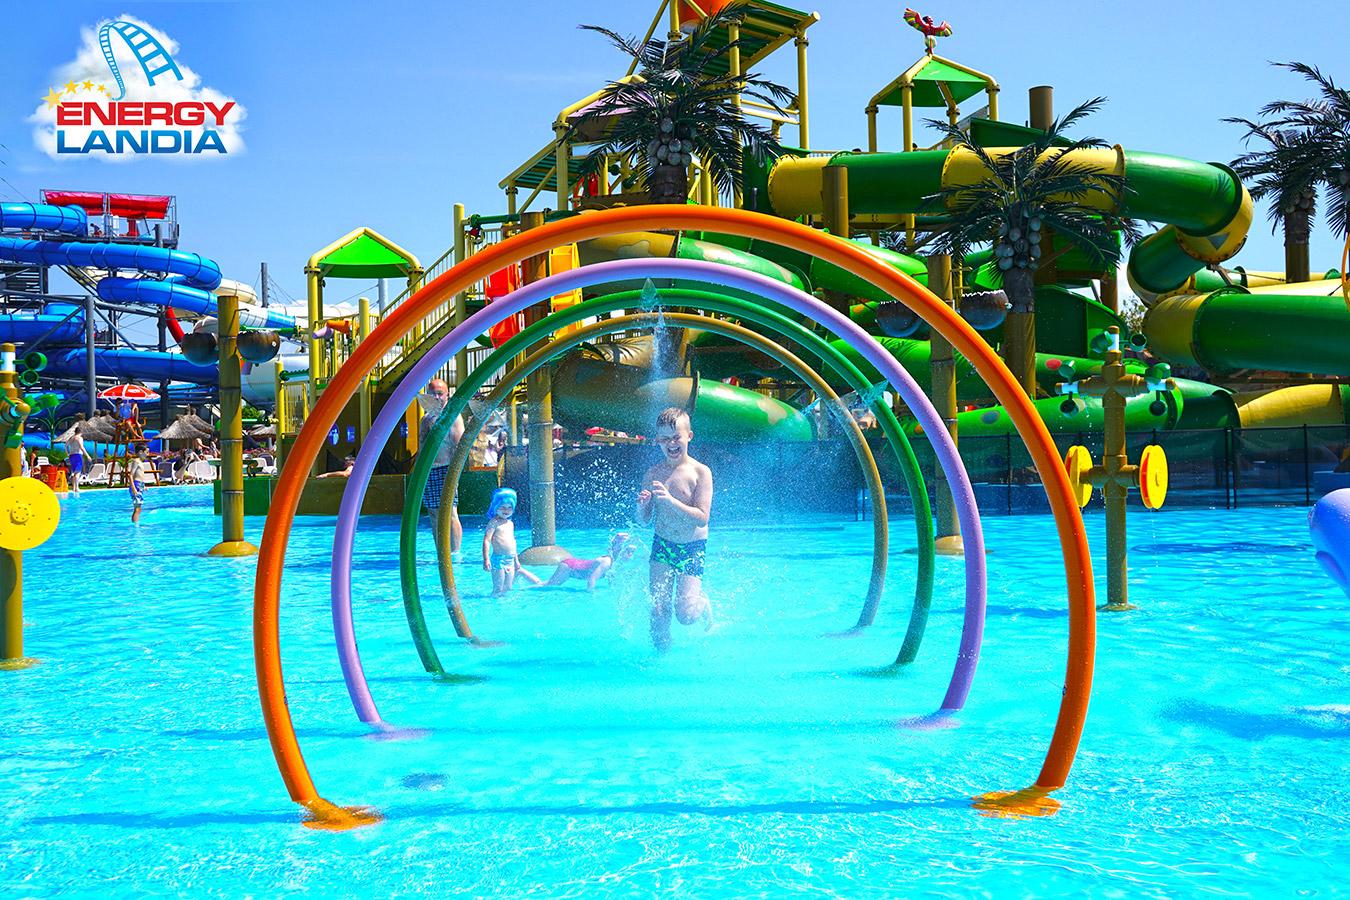 Największy odkryty aquapark w Polsce już otwarty!